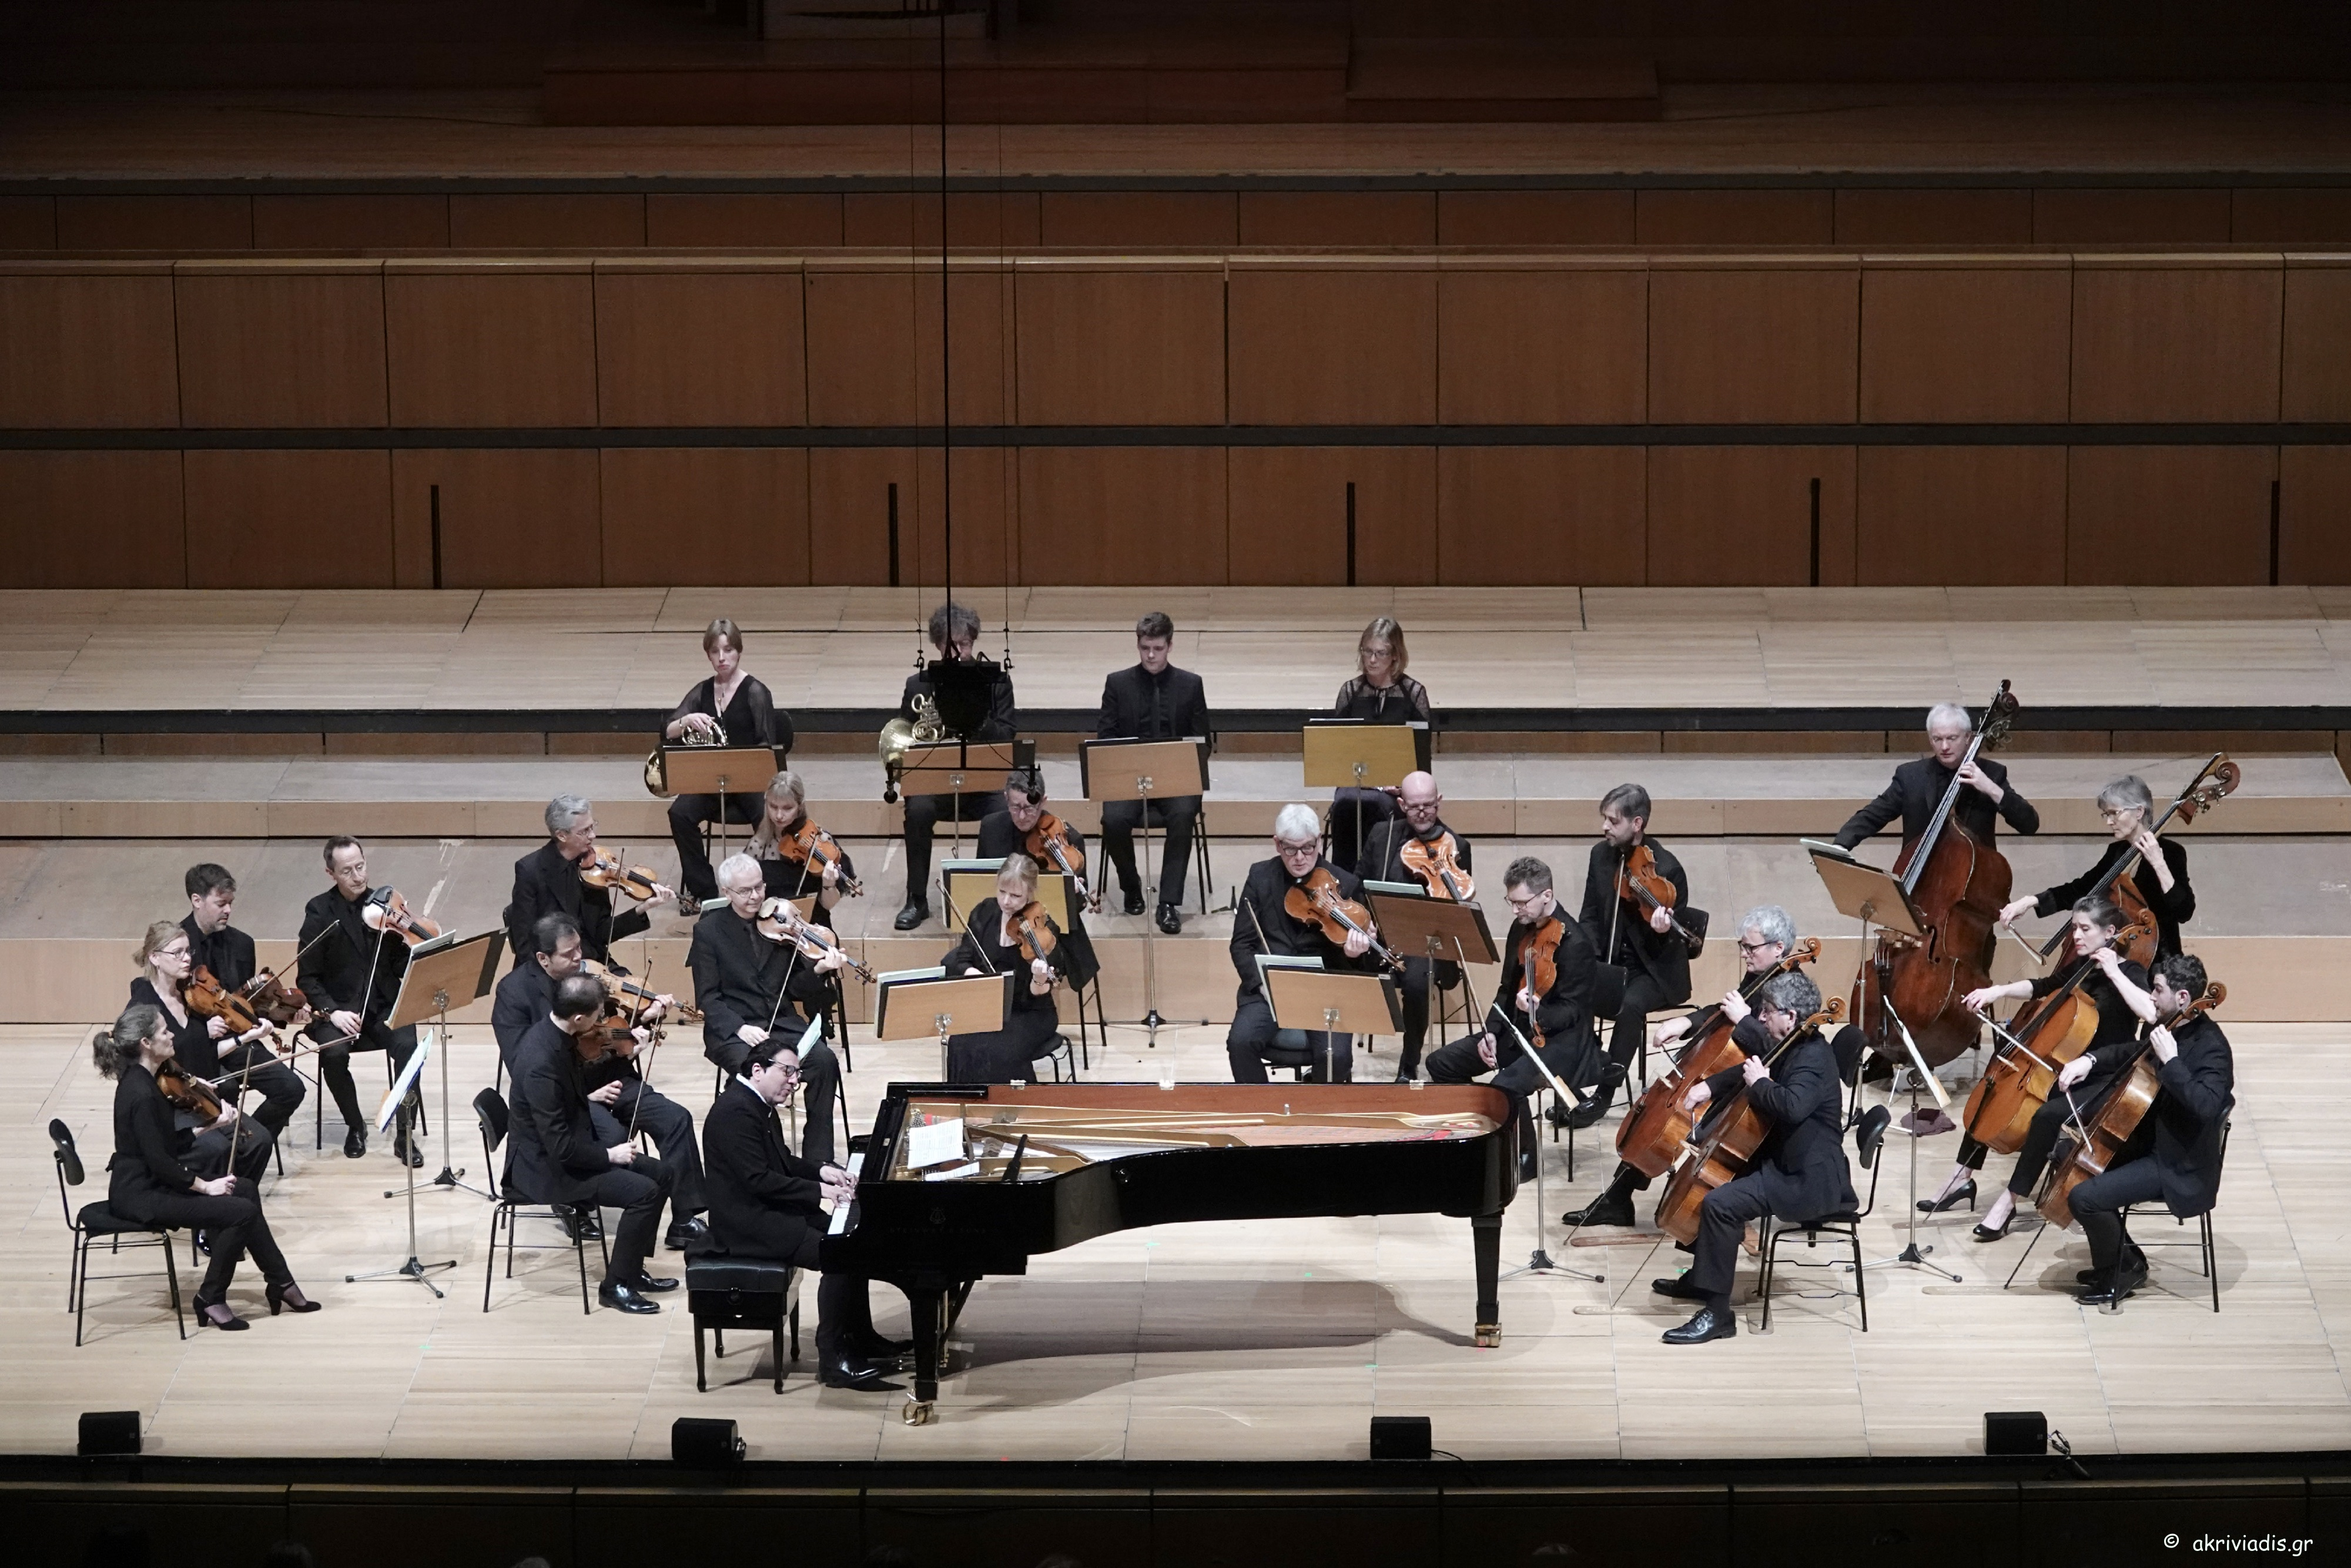 Διεθνείς ορχήστρες στο Μέγαρο Μουσικής Αθηνών: Ακαδημία του Αγ. Μαρτίνου των Αγρών με σολίστ τον Fazil Say - Εnsemble και Χορωδία Balthasar Neumann, υπό Thomas Hengelbrock